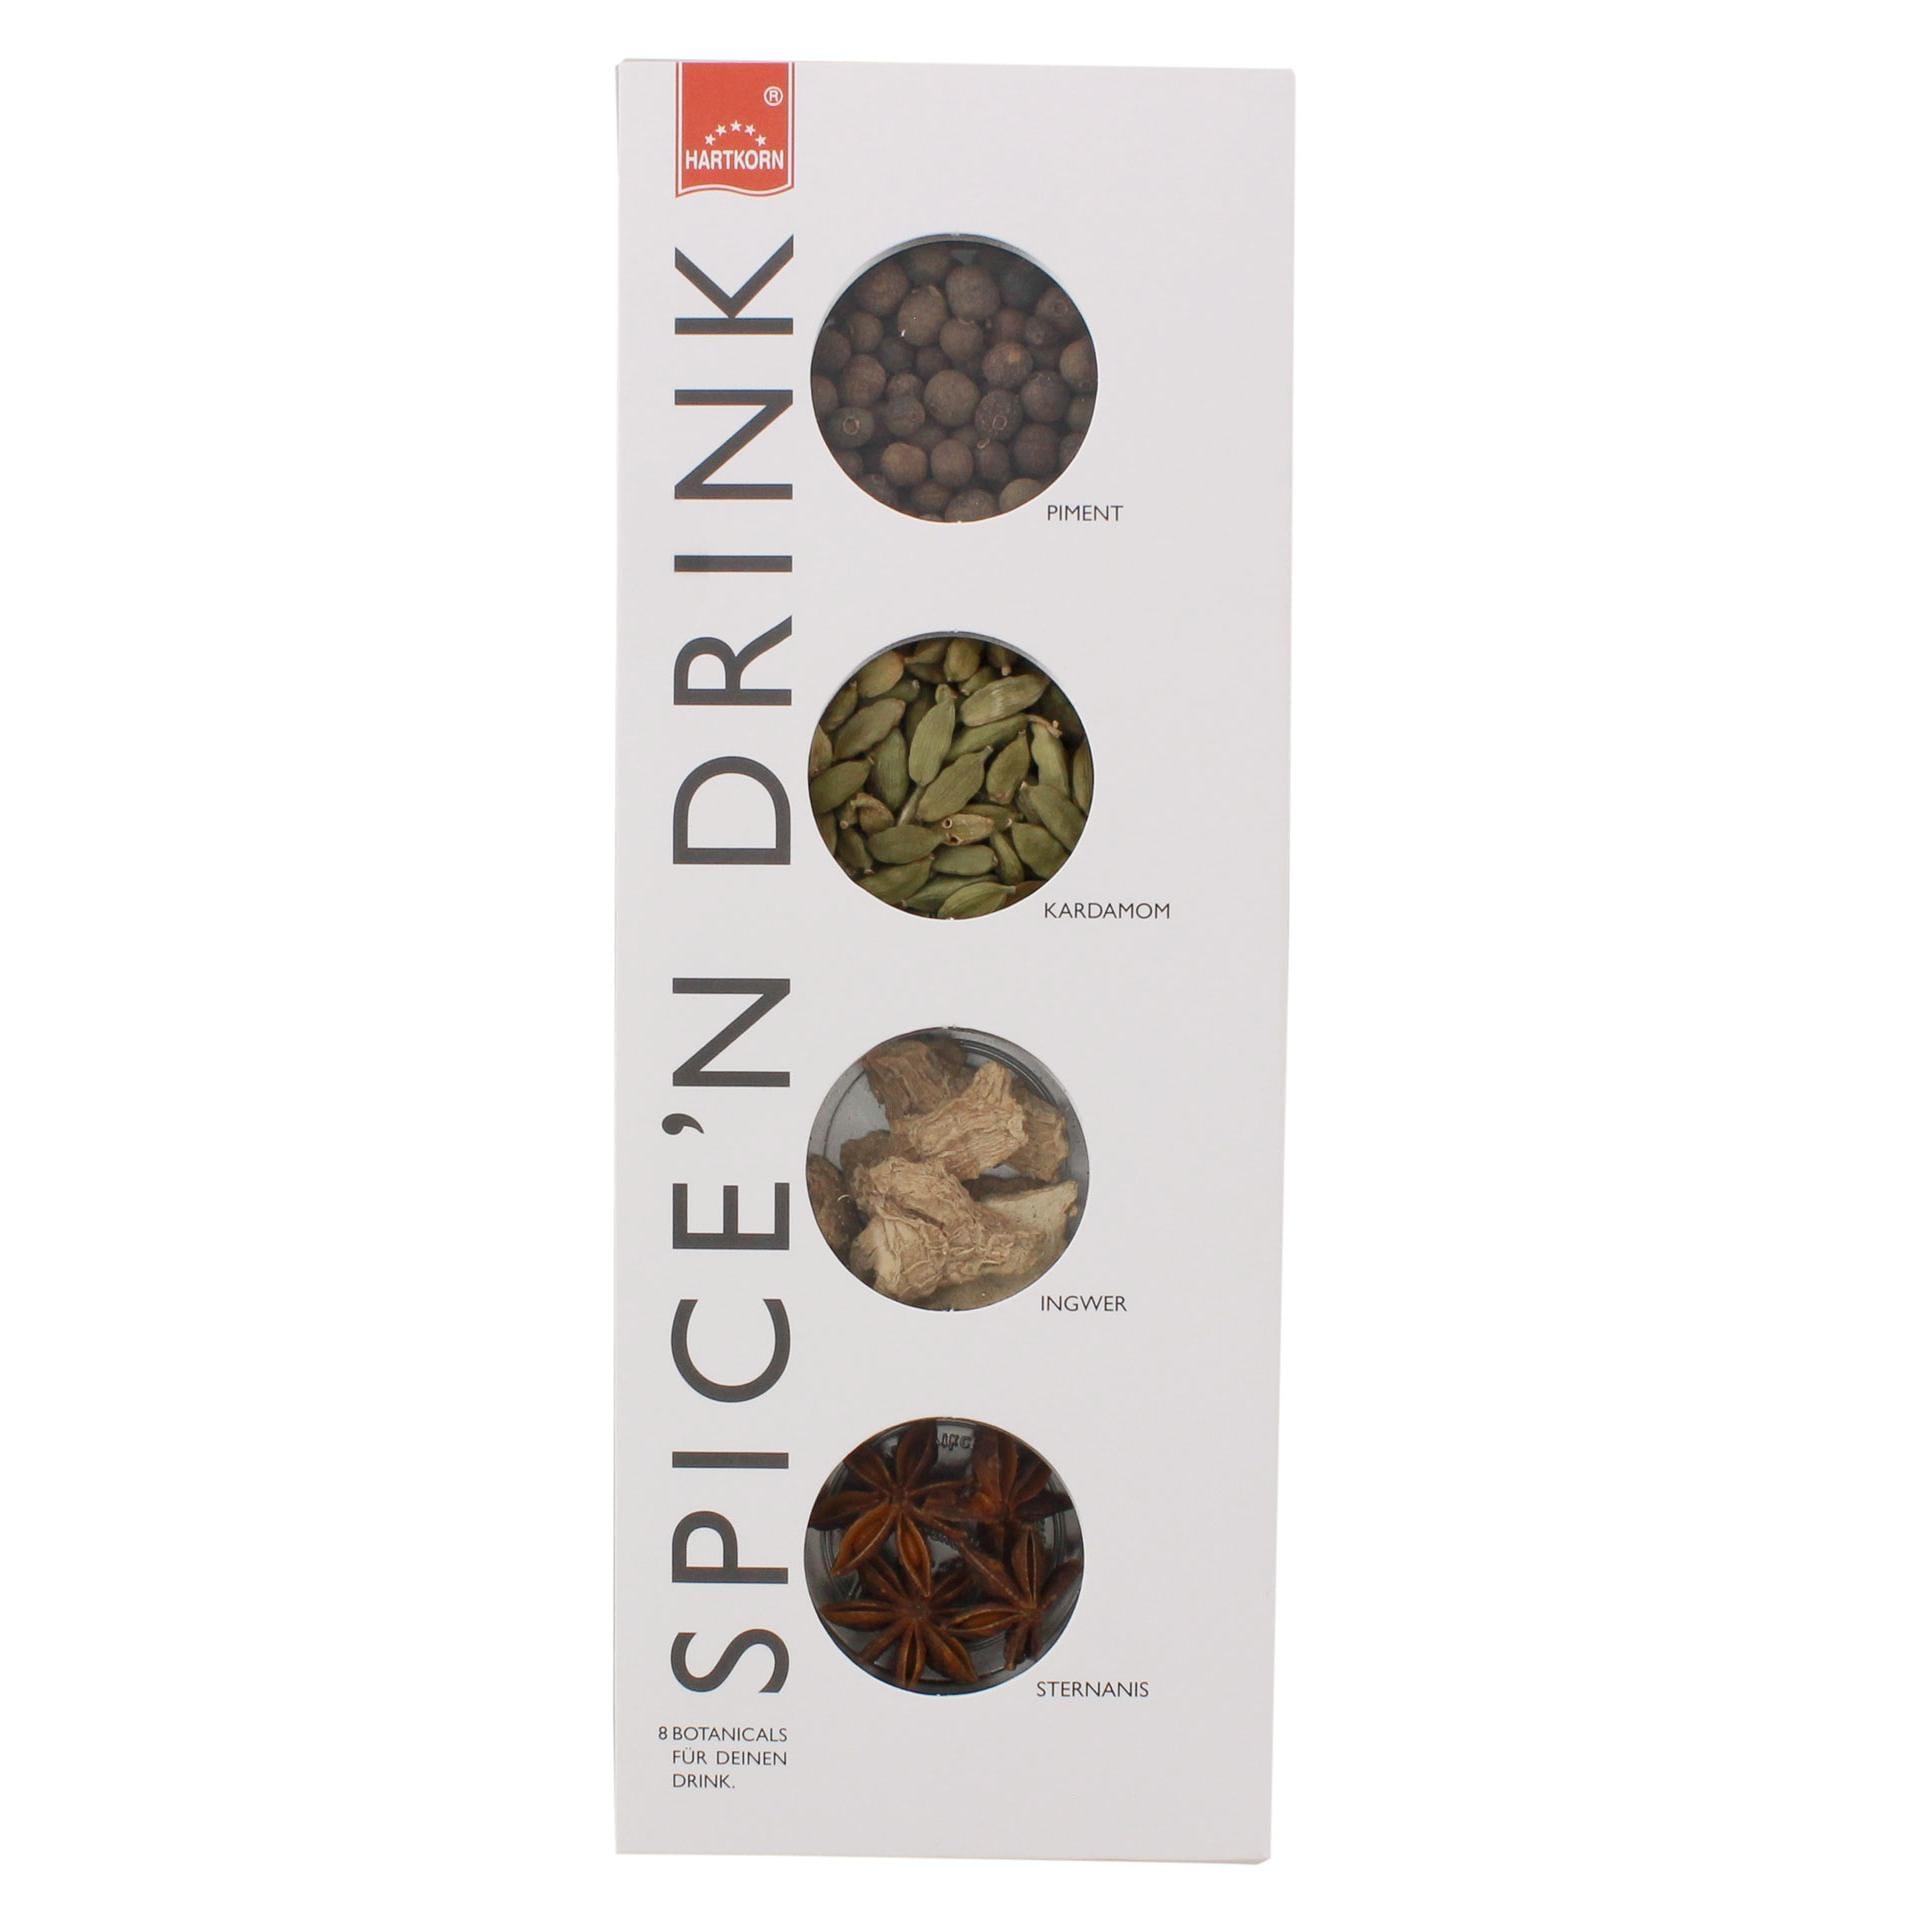 Hartkorn - Spice'n Drink Gewürz-Set - 51g